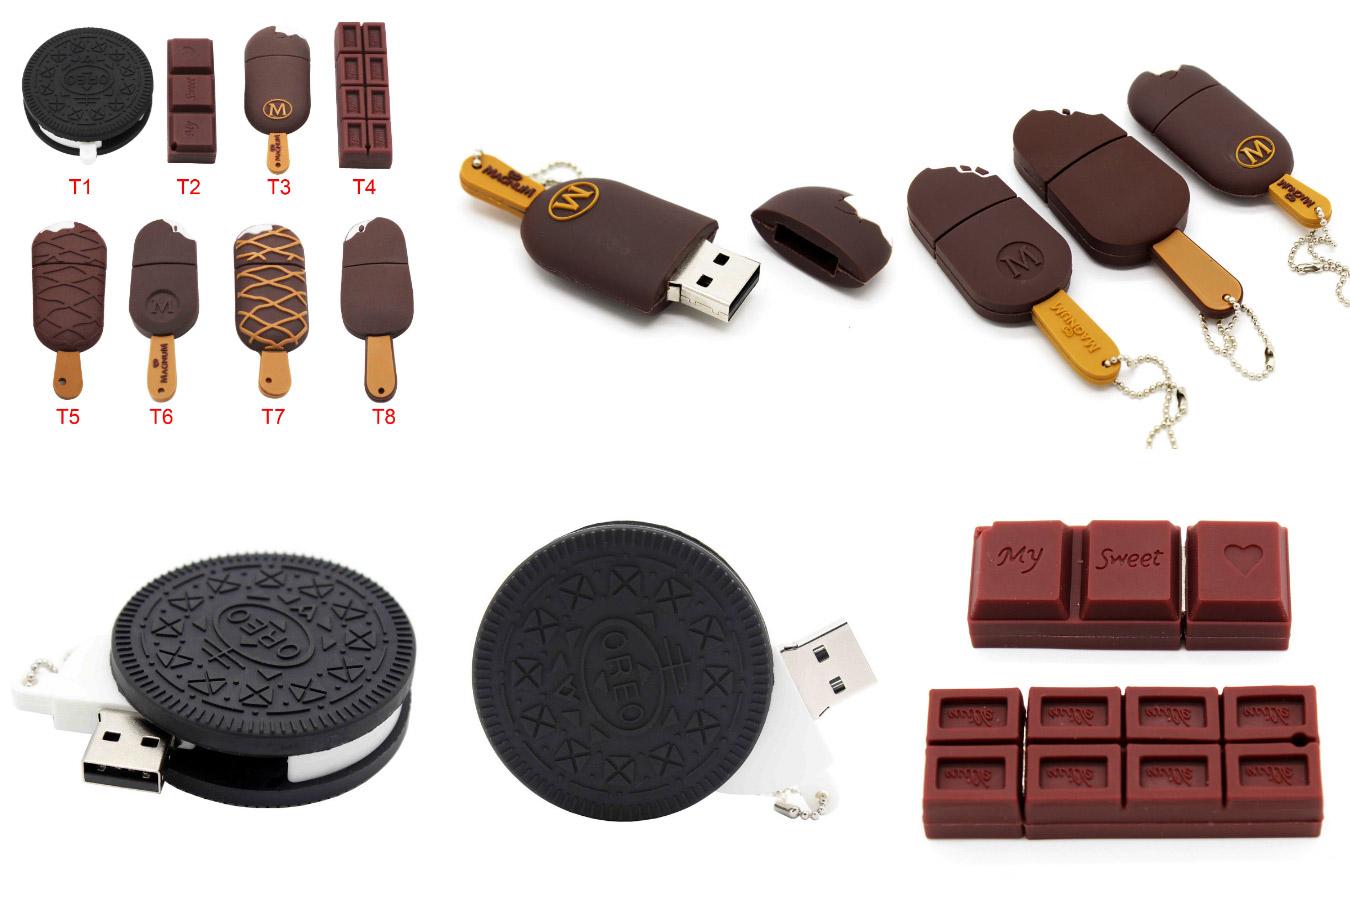 Уникальная флешка в виде печенья или мороженого BiNFUL Oreo USB 2.0